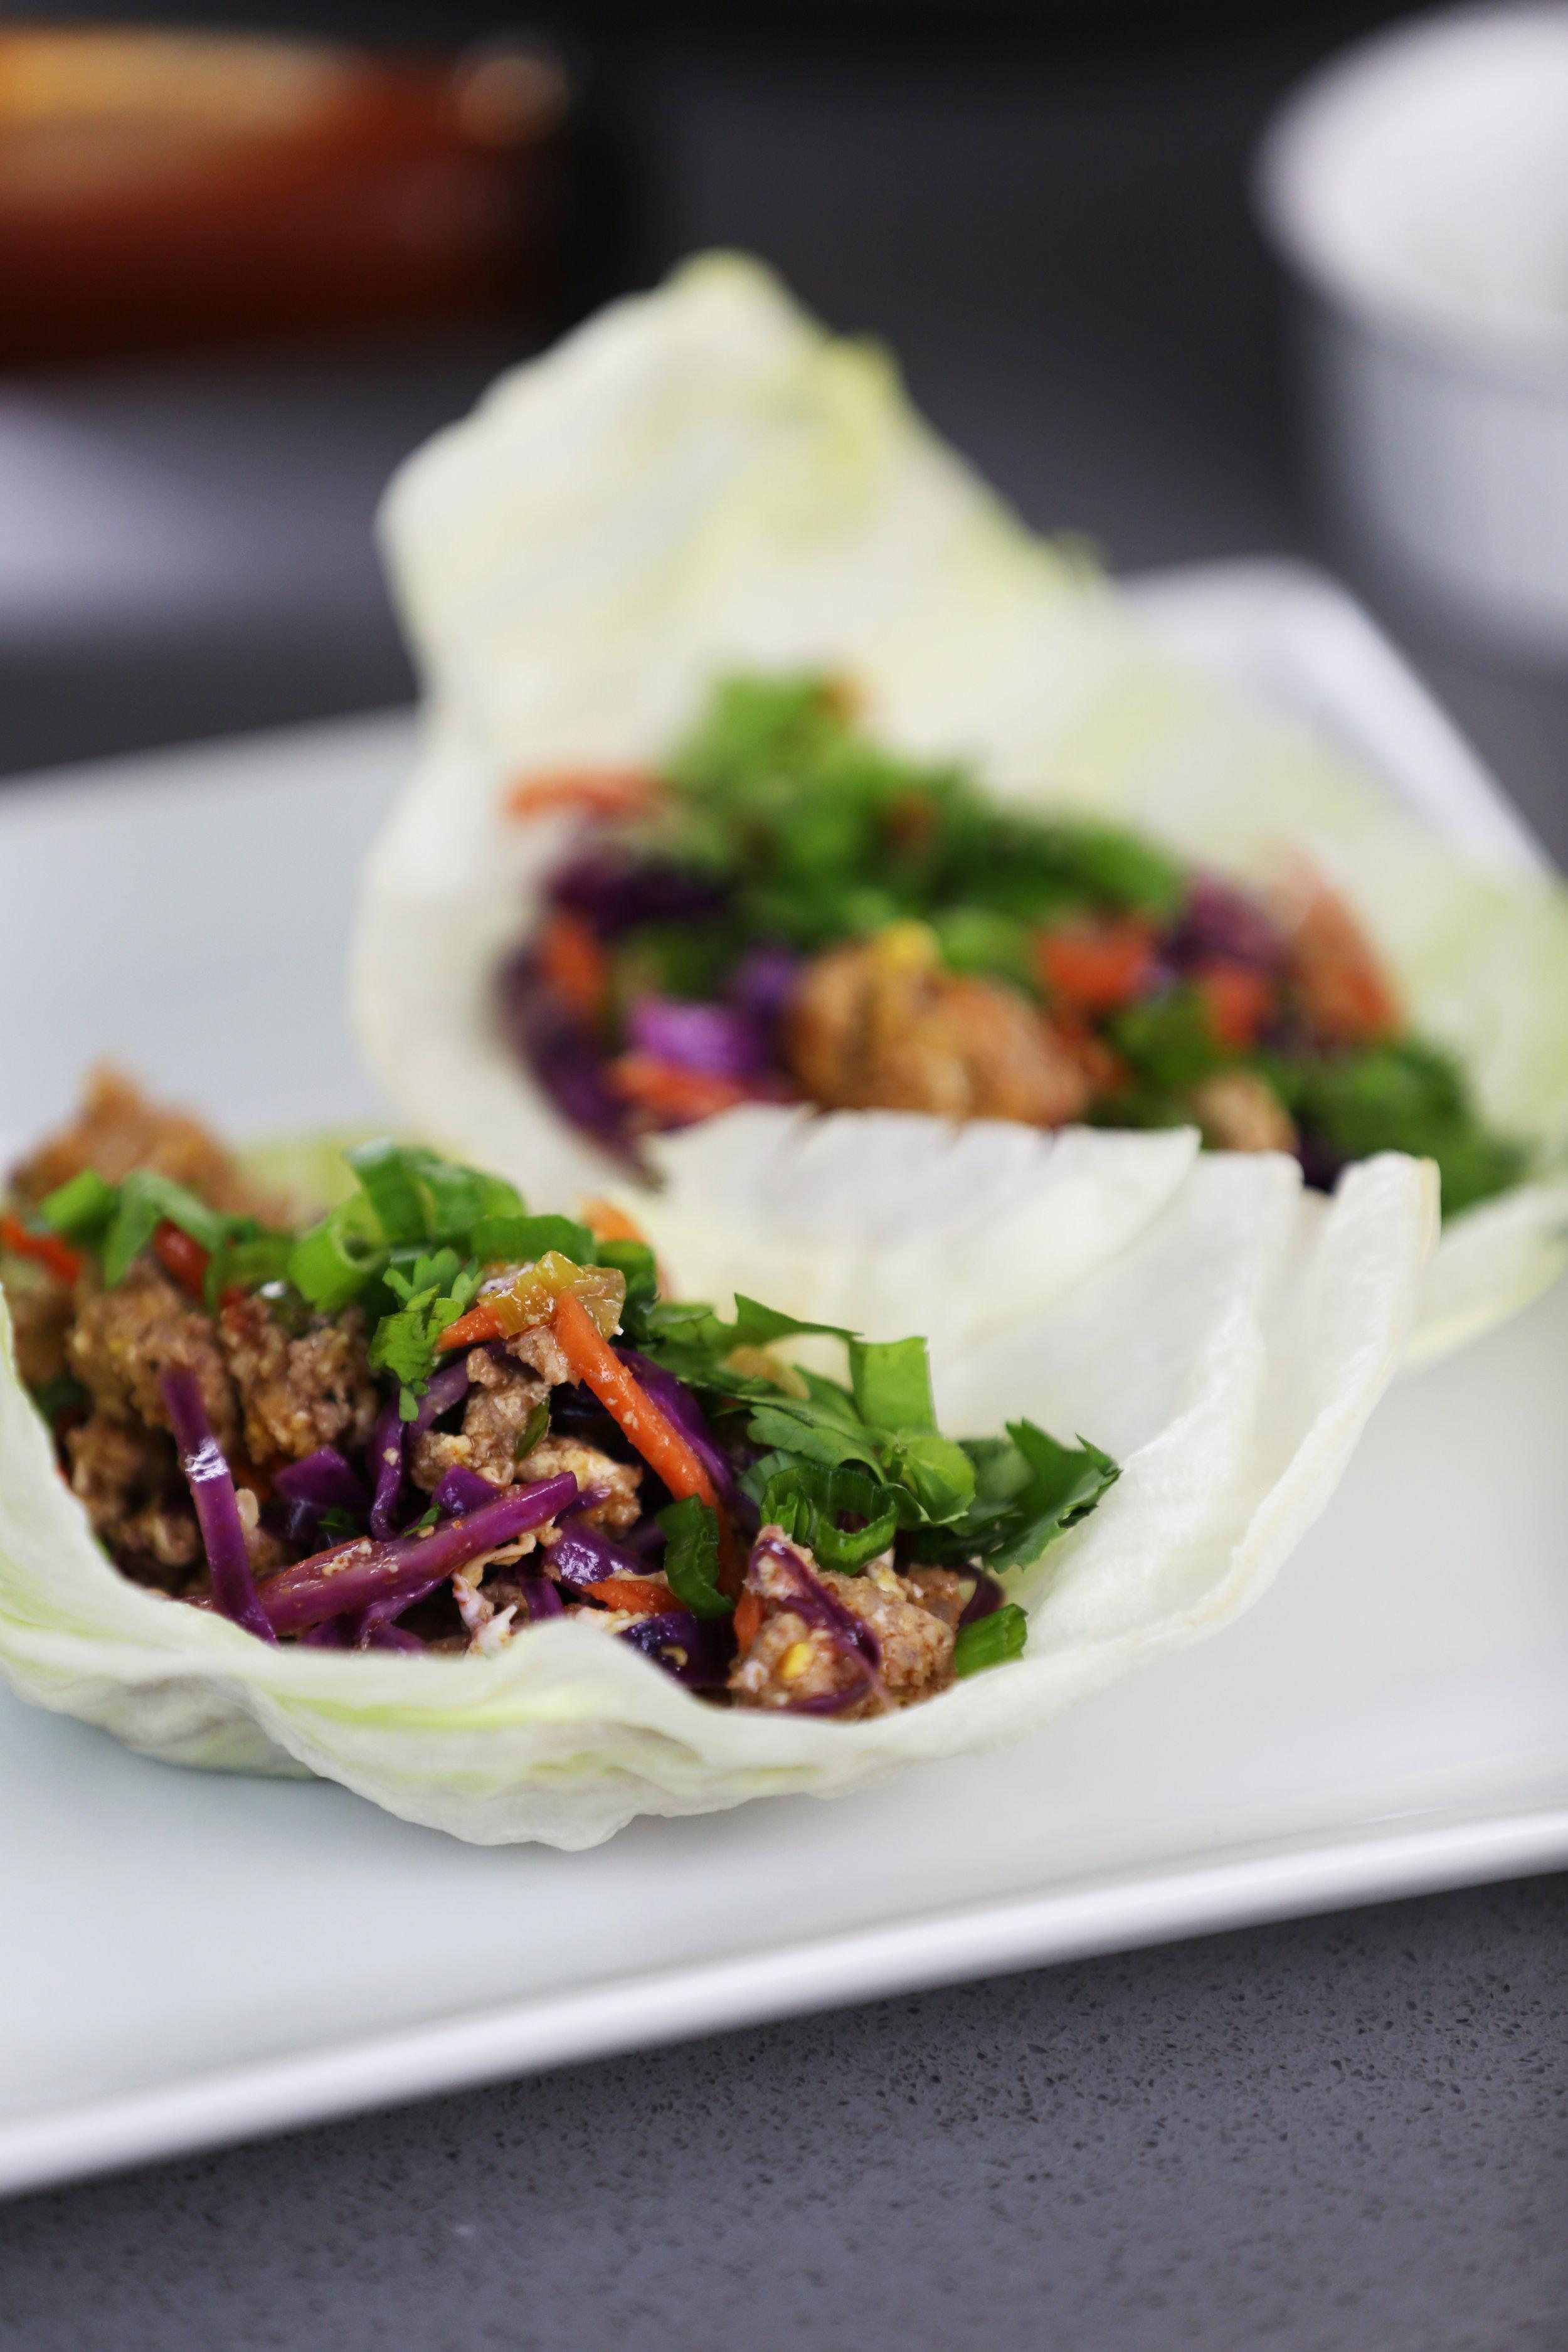 Sweet & Sour Lettuce Wraps